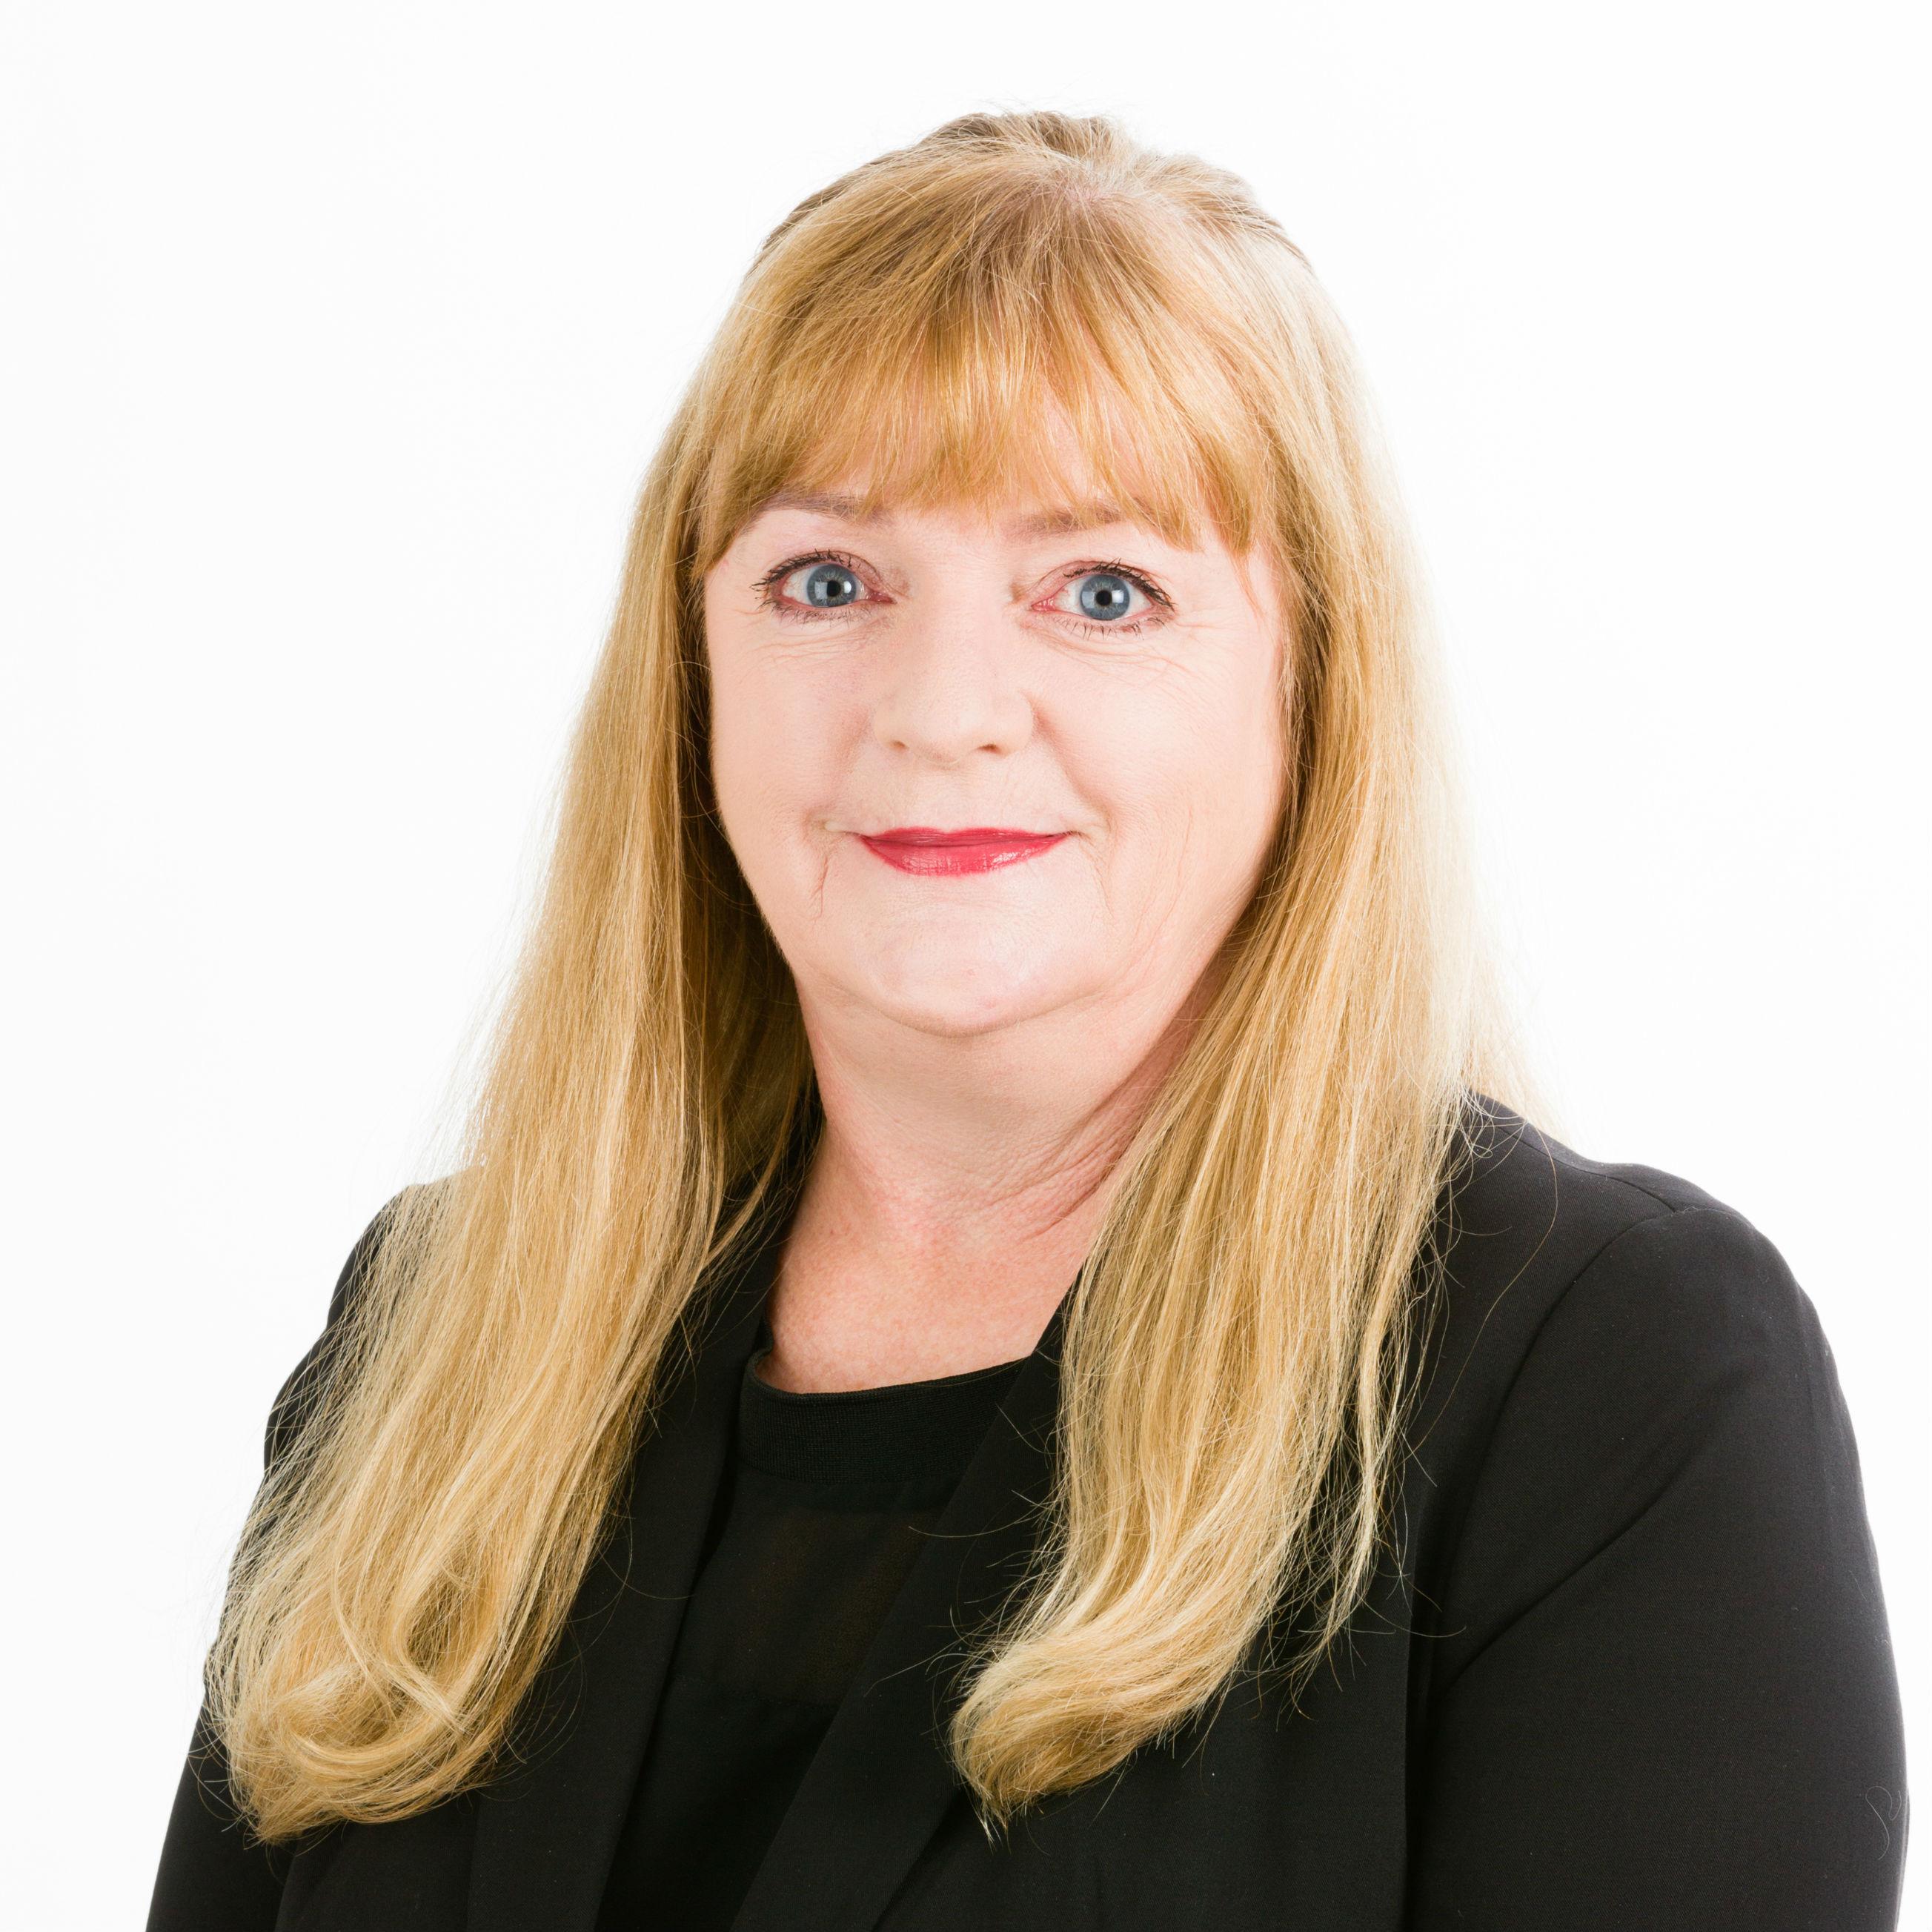 Linda L. Toschlog